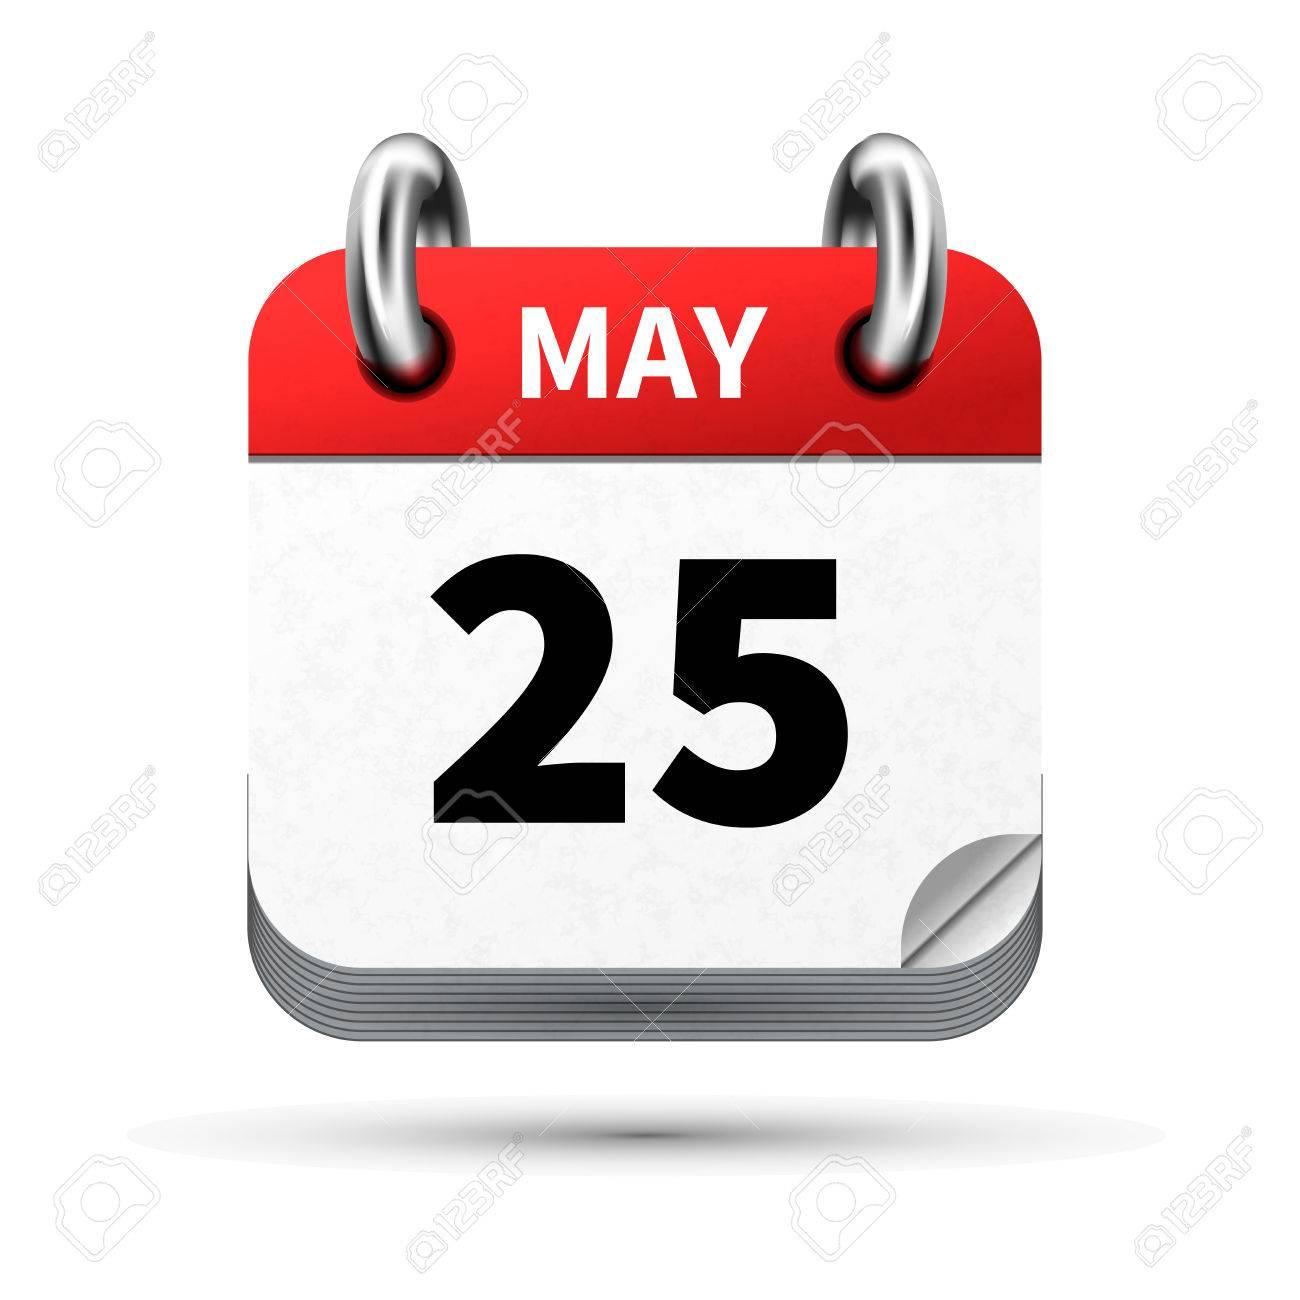 Праздник 25 мая: какой сегодня день, что нельзя делать, у кого именины